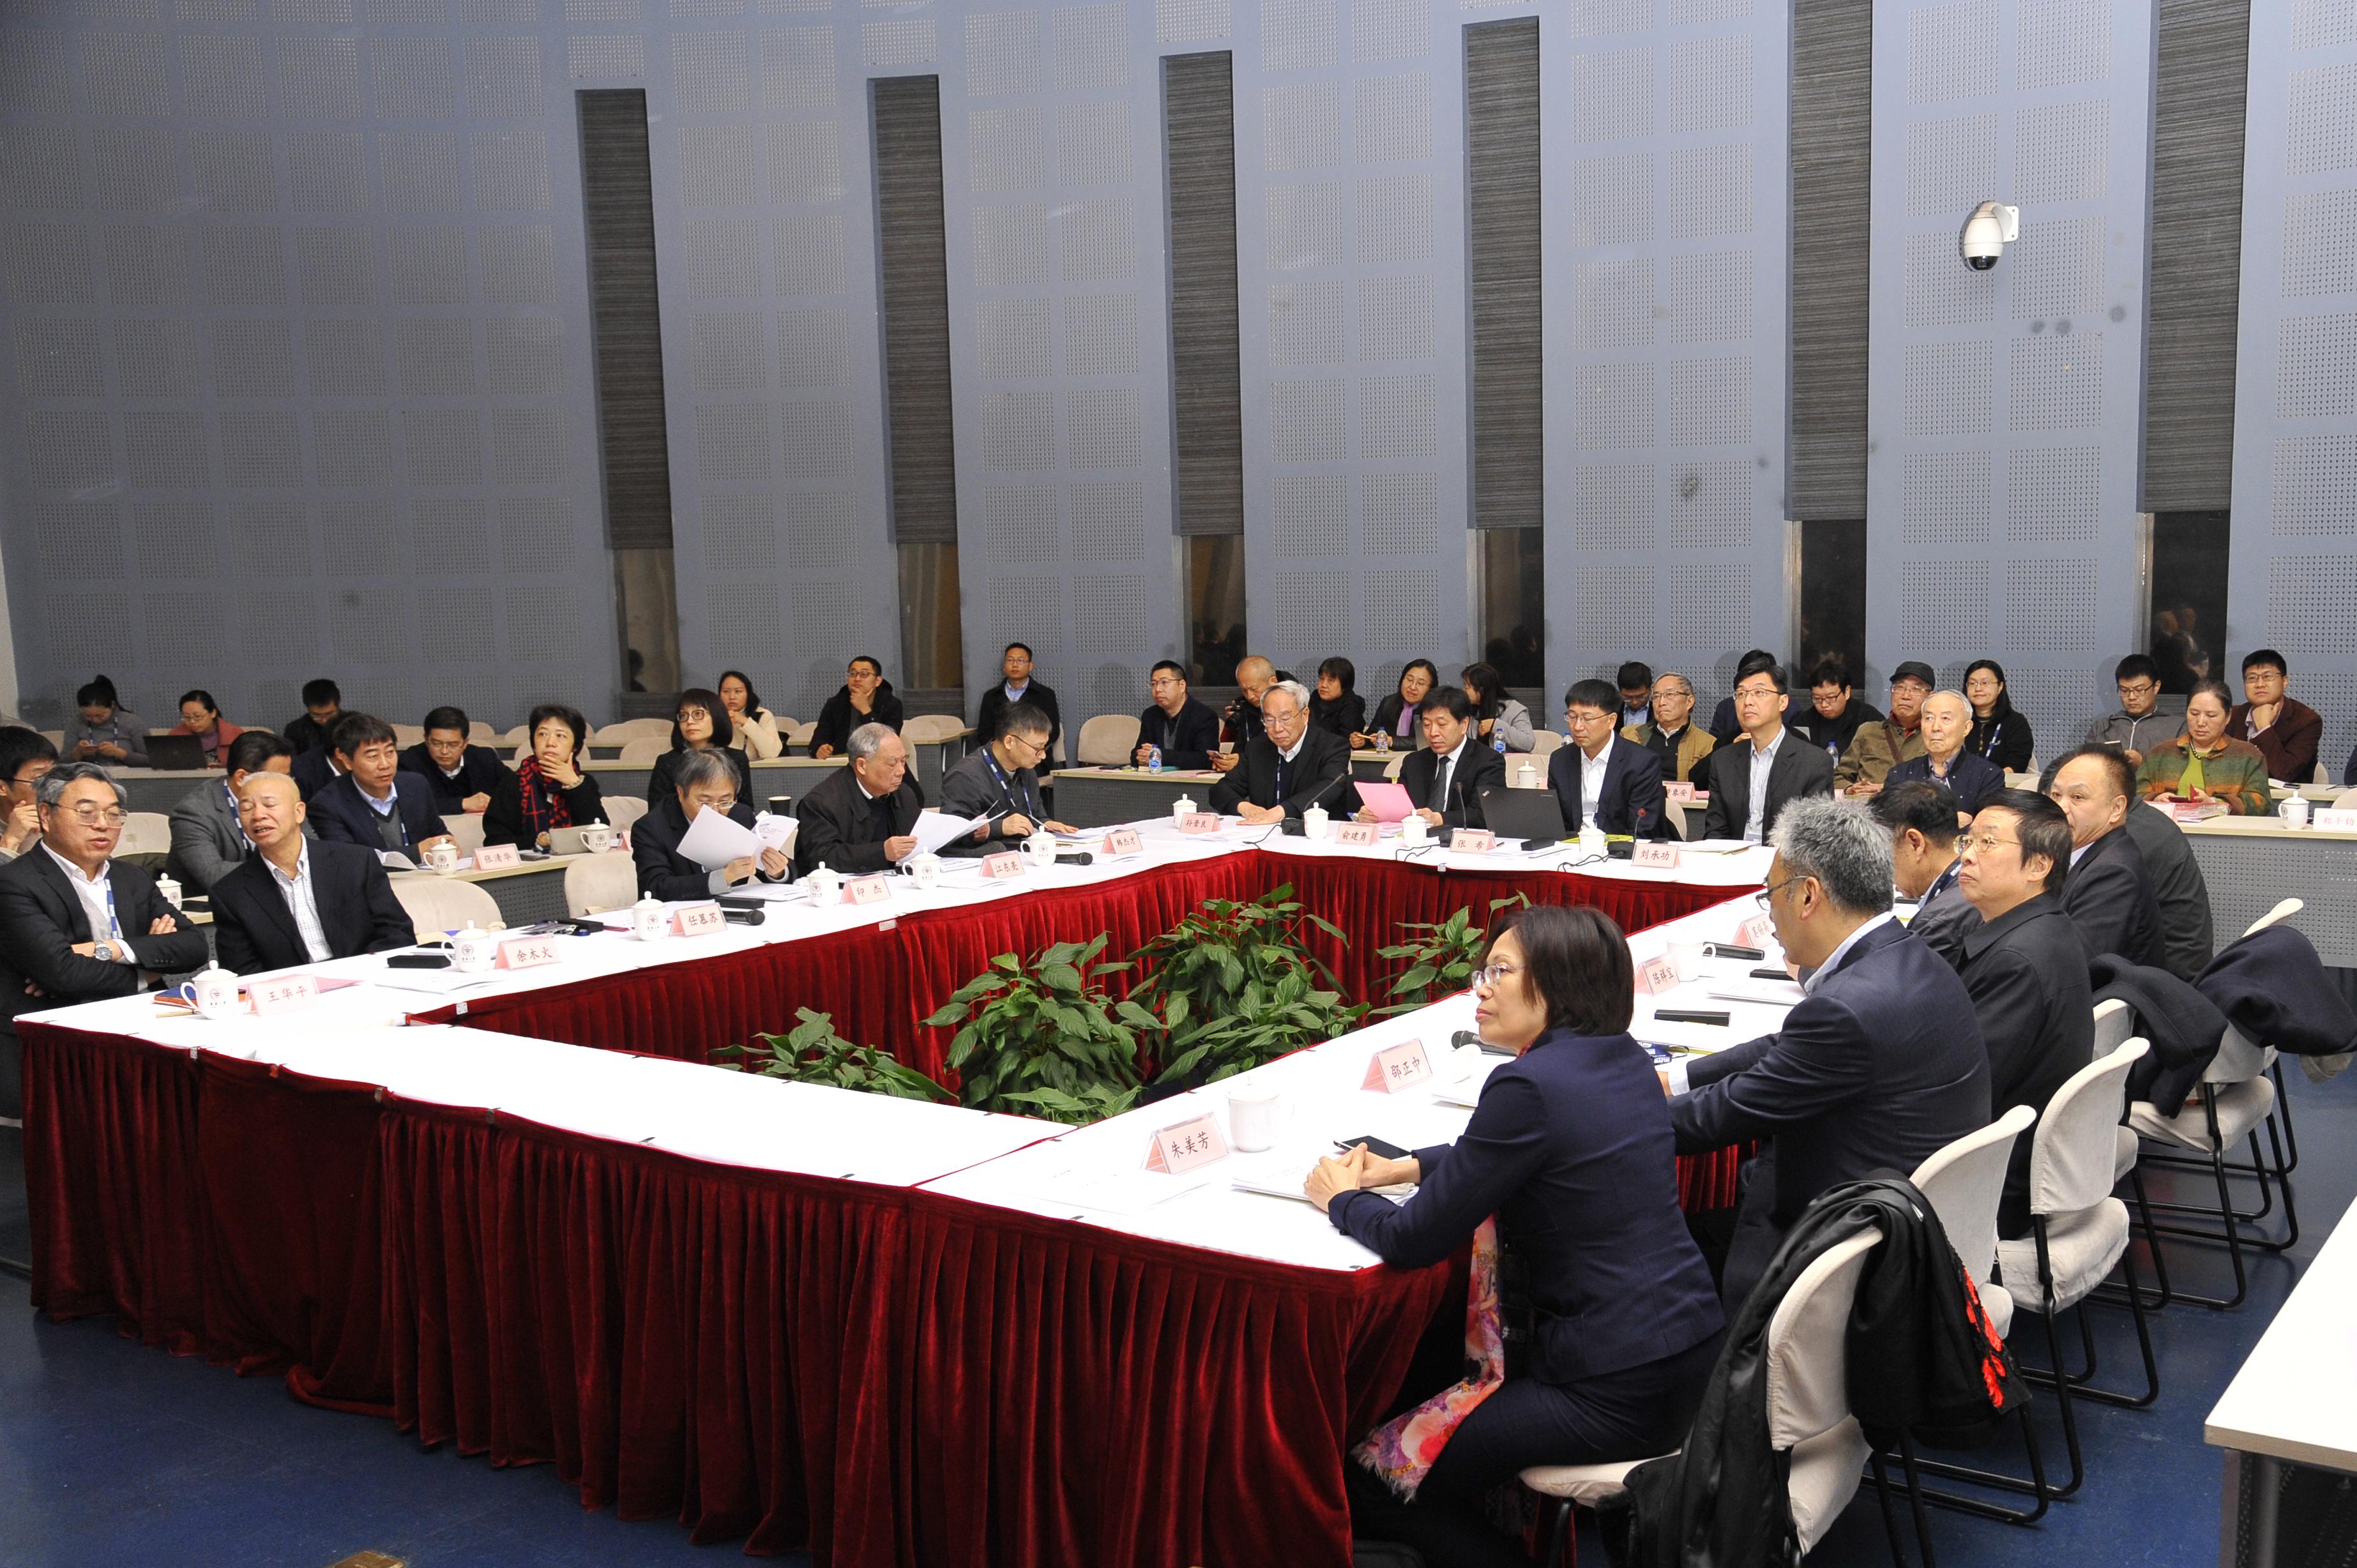 纤维材料改性国家重点实验室召开第六届学术委员会第一次会议暨SKLFPM2019年学术年会